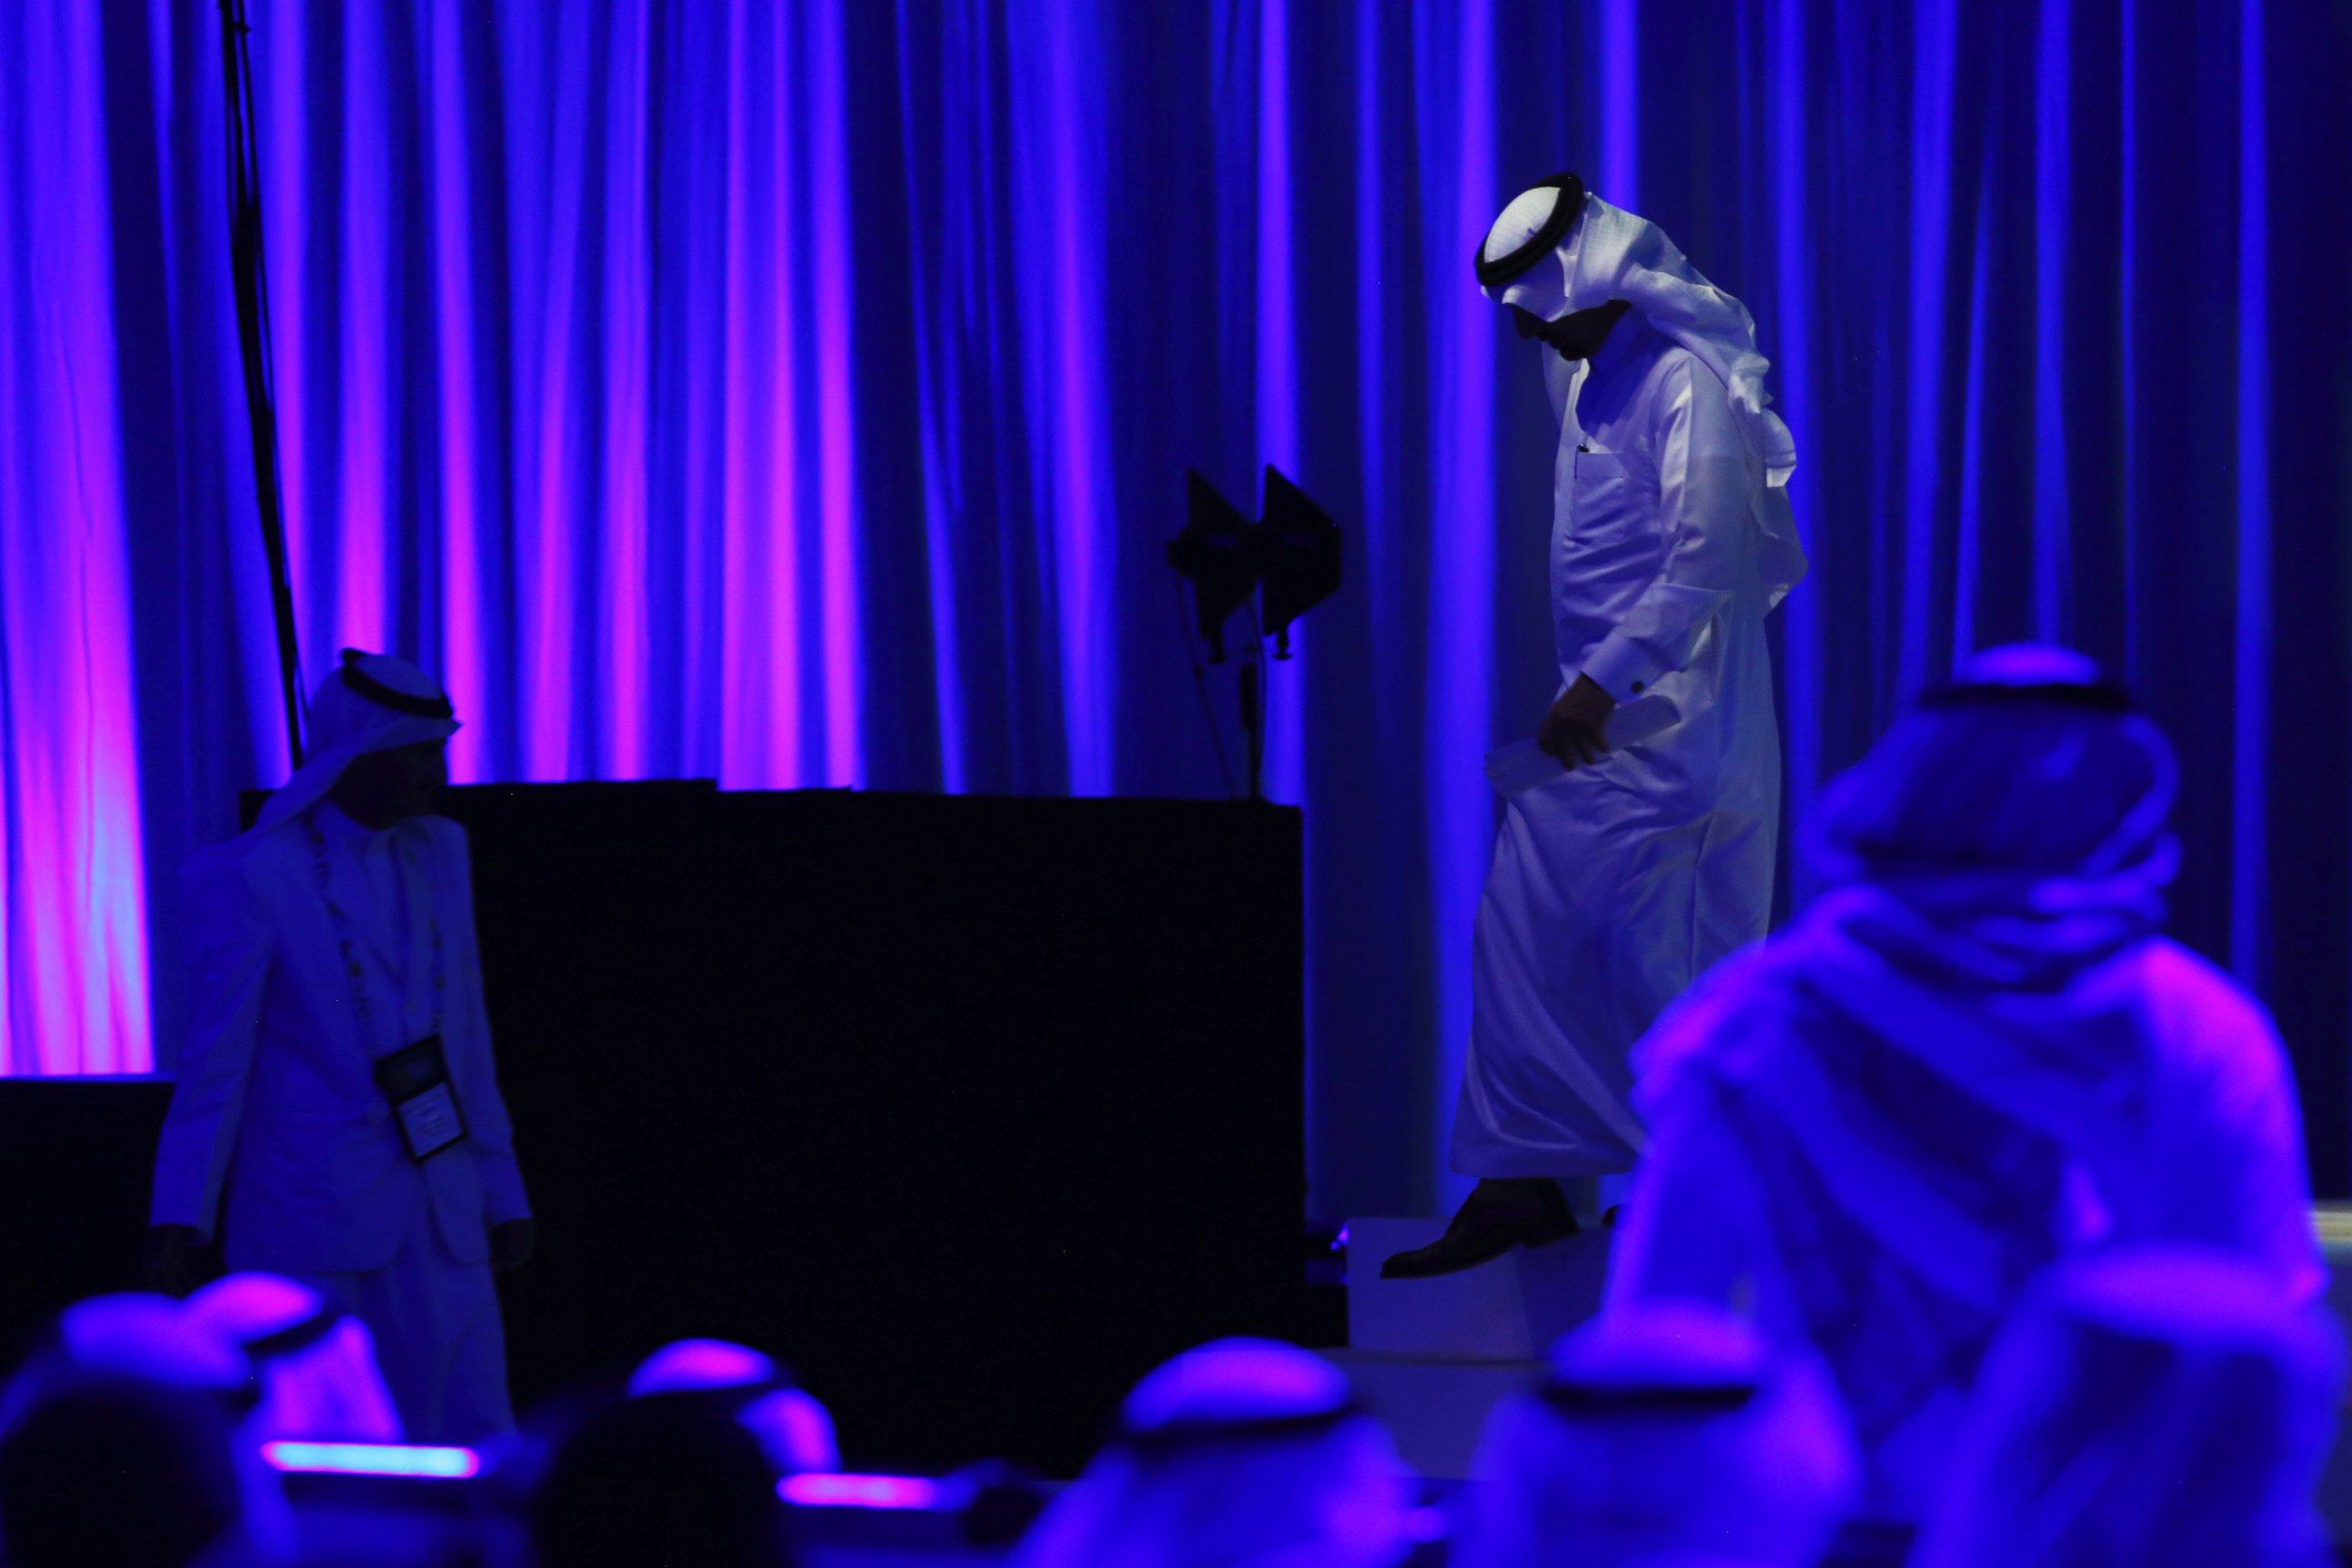 عربستان سعودی و امارات برای ساخت یک ارز دیجیتال با همدیگر همکاری میکنند